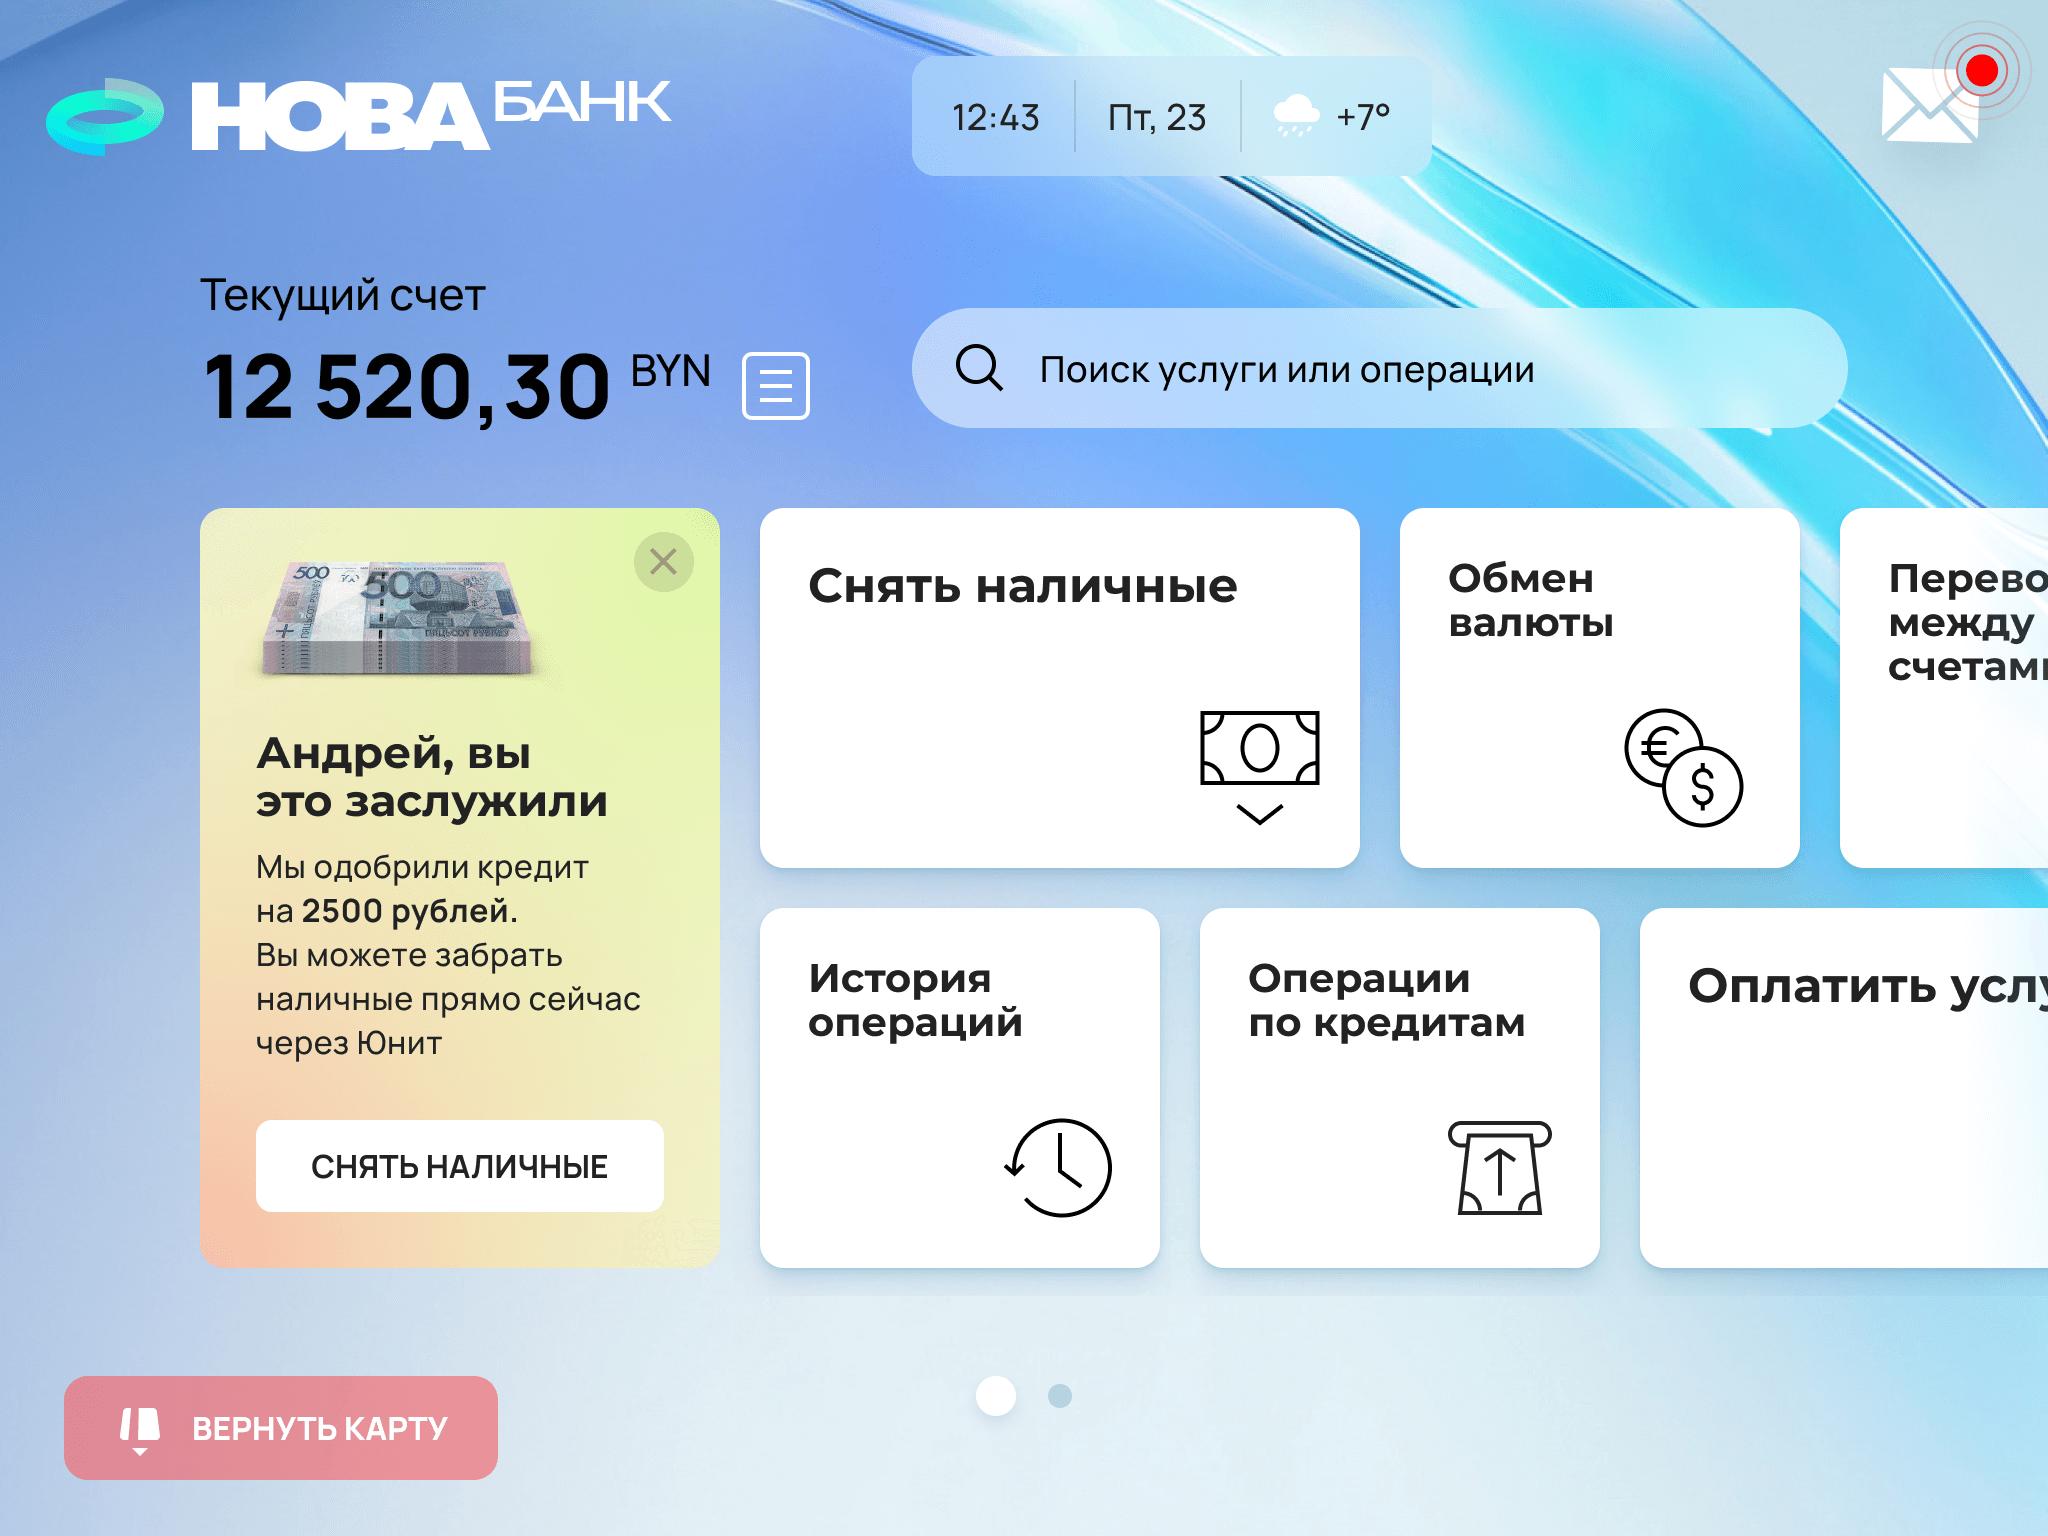 bank-1-1.png